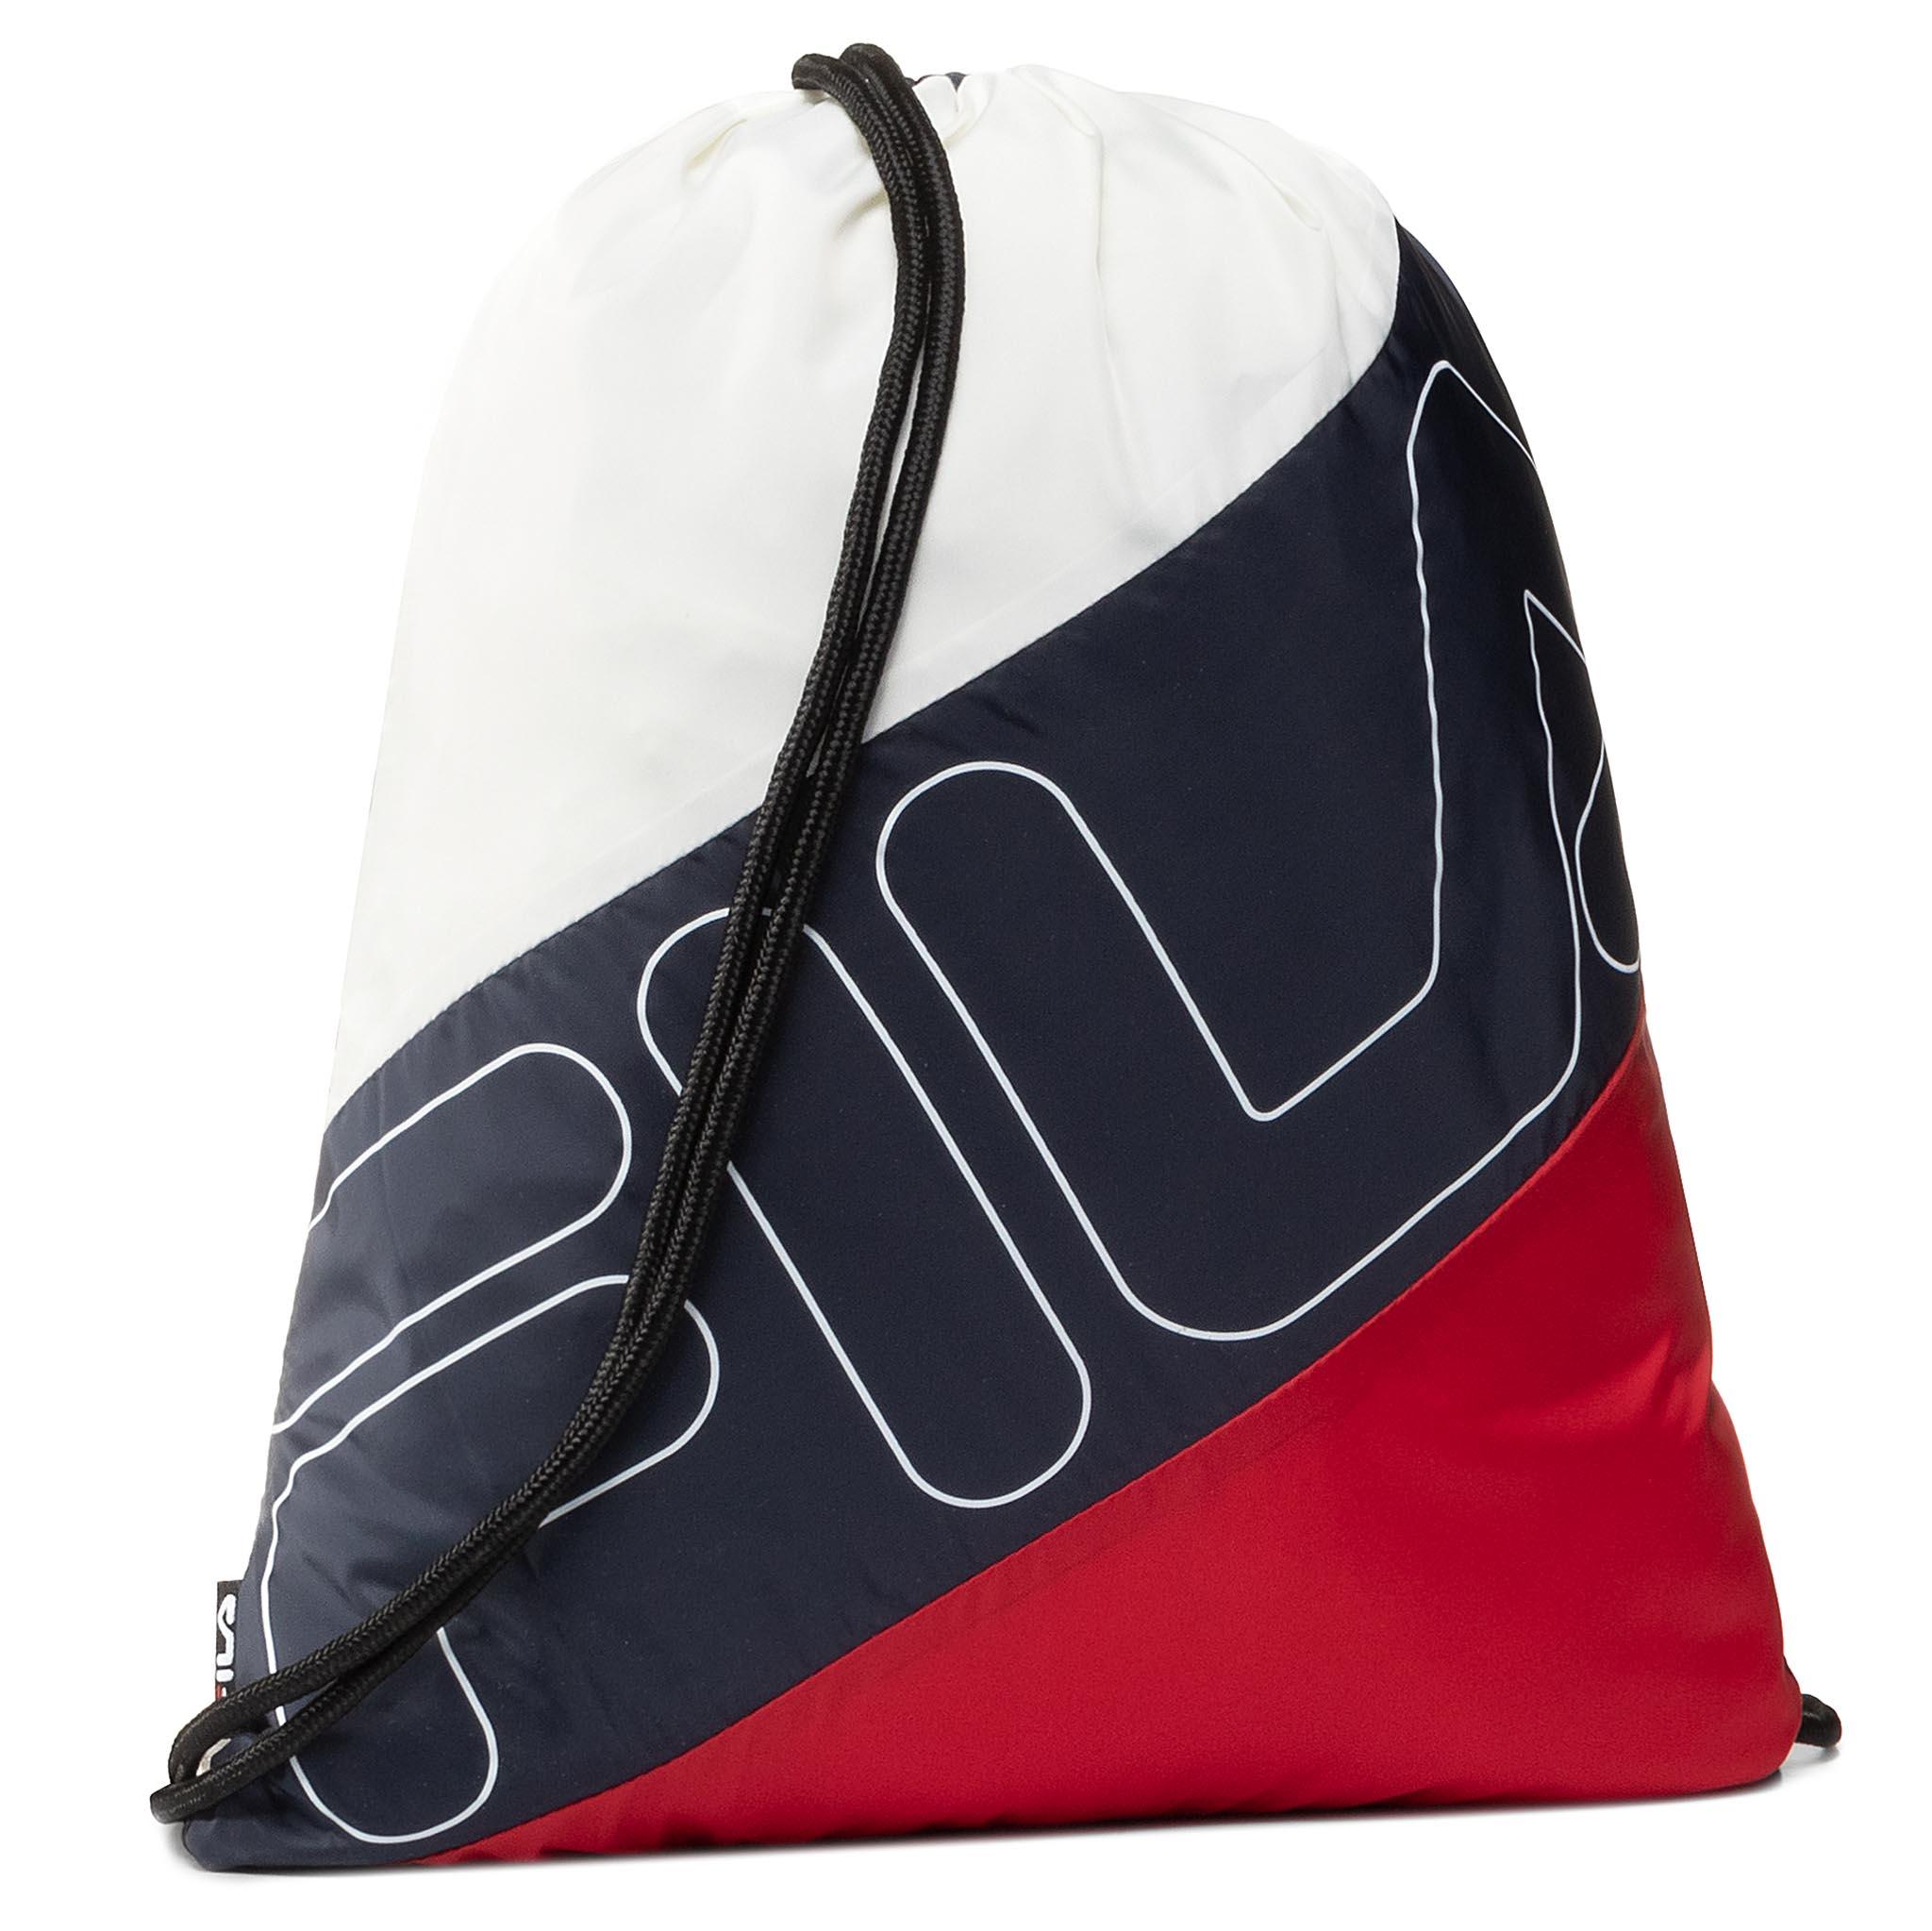 Image of Zaino FILA - Gym Sack Double Mesh 685127 Black Iris/True Red/Bright White G06